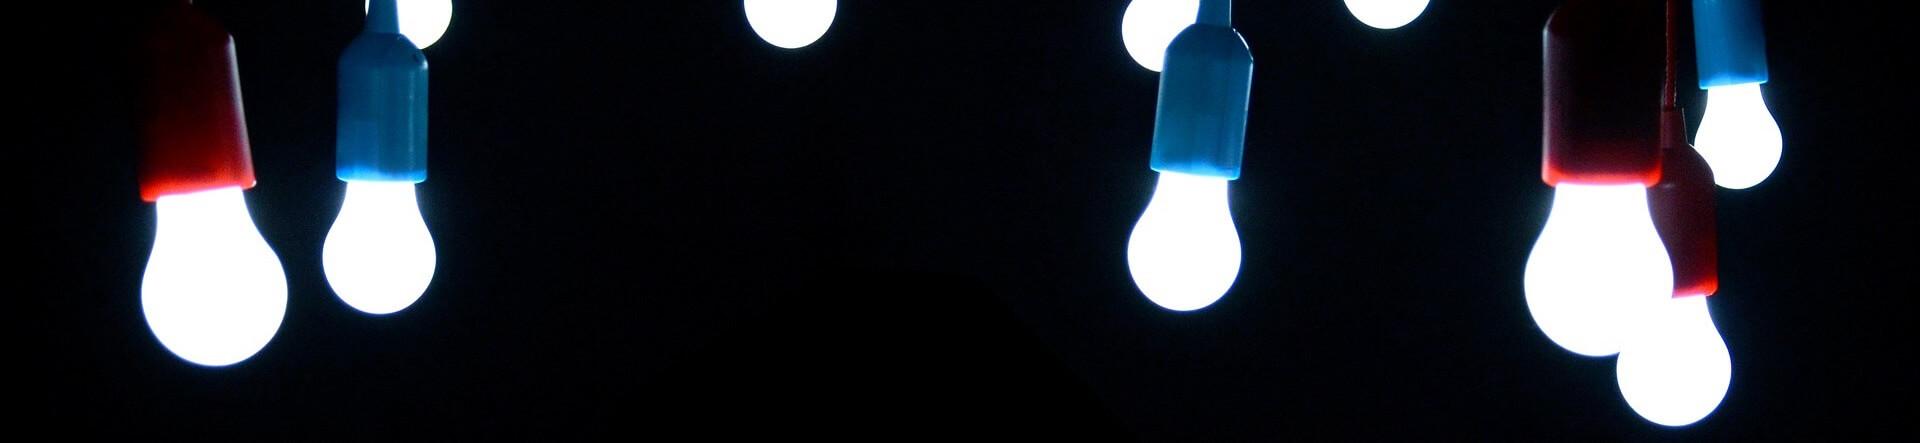 Led Lampen Strom Sparen Haushalt